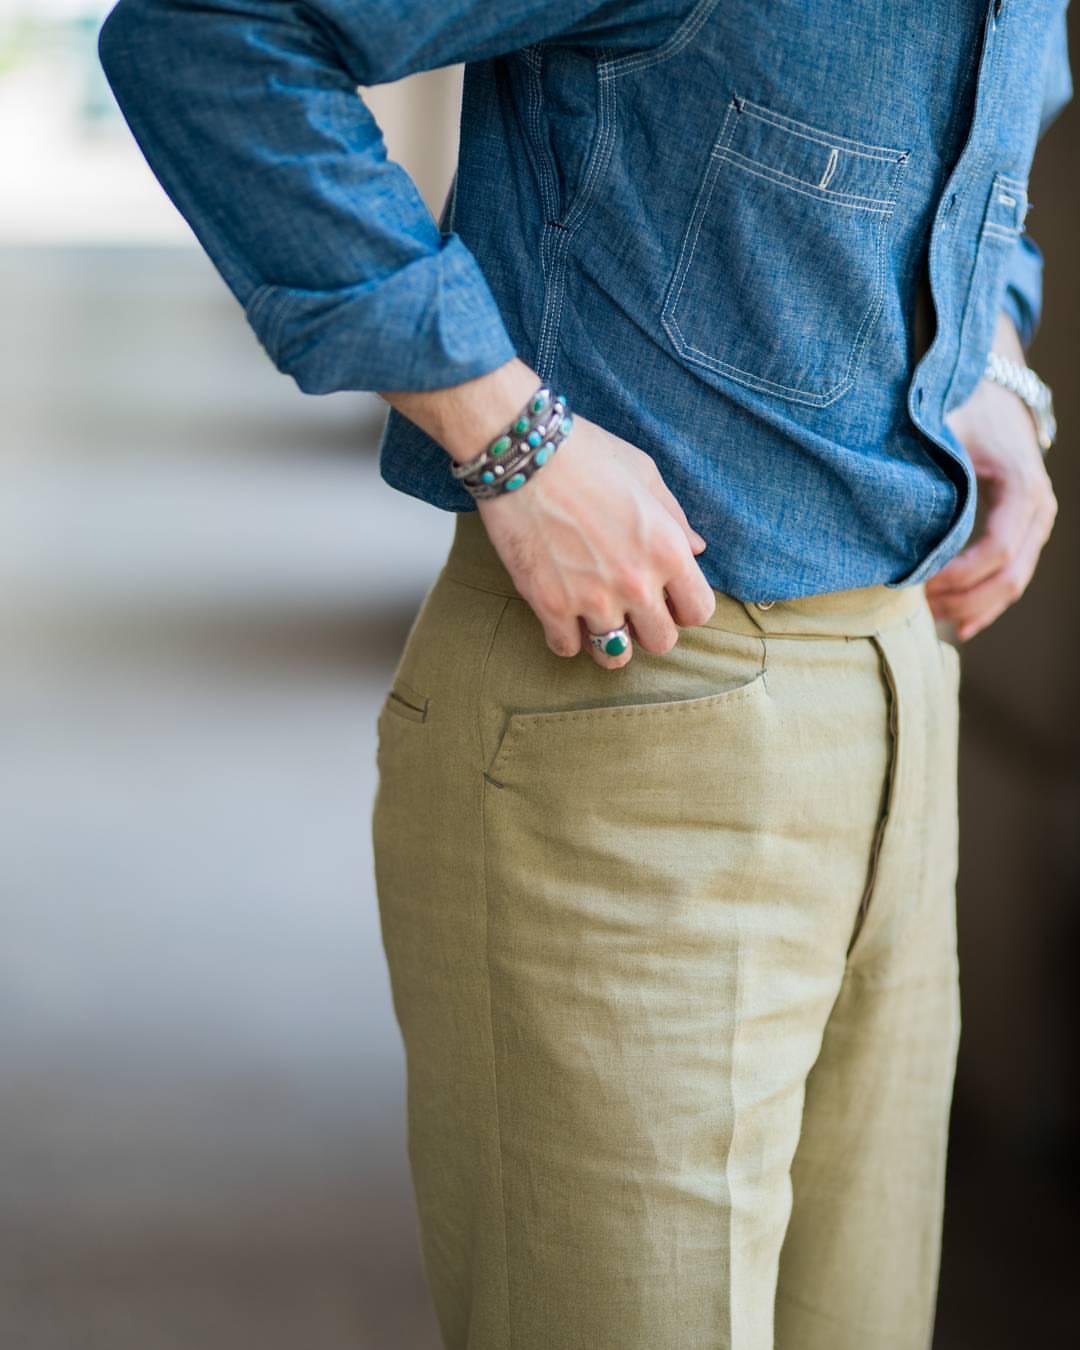 Sur un pantalon classique elles peuvent apporter une variation subtile. Source : Ambrosi / The Armoury.